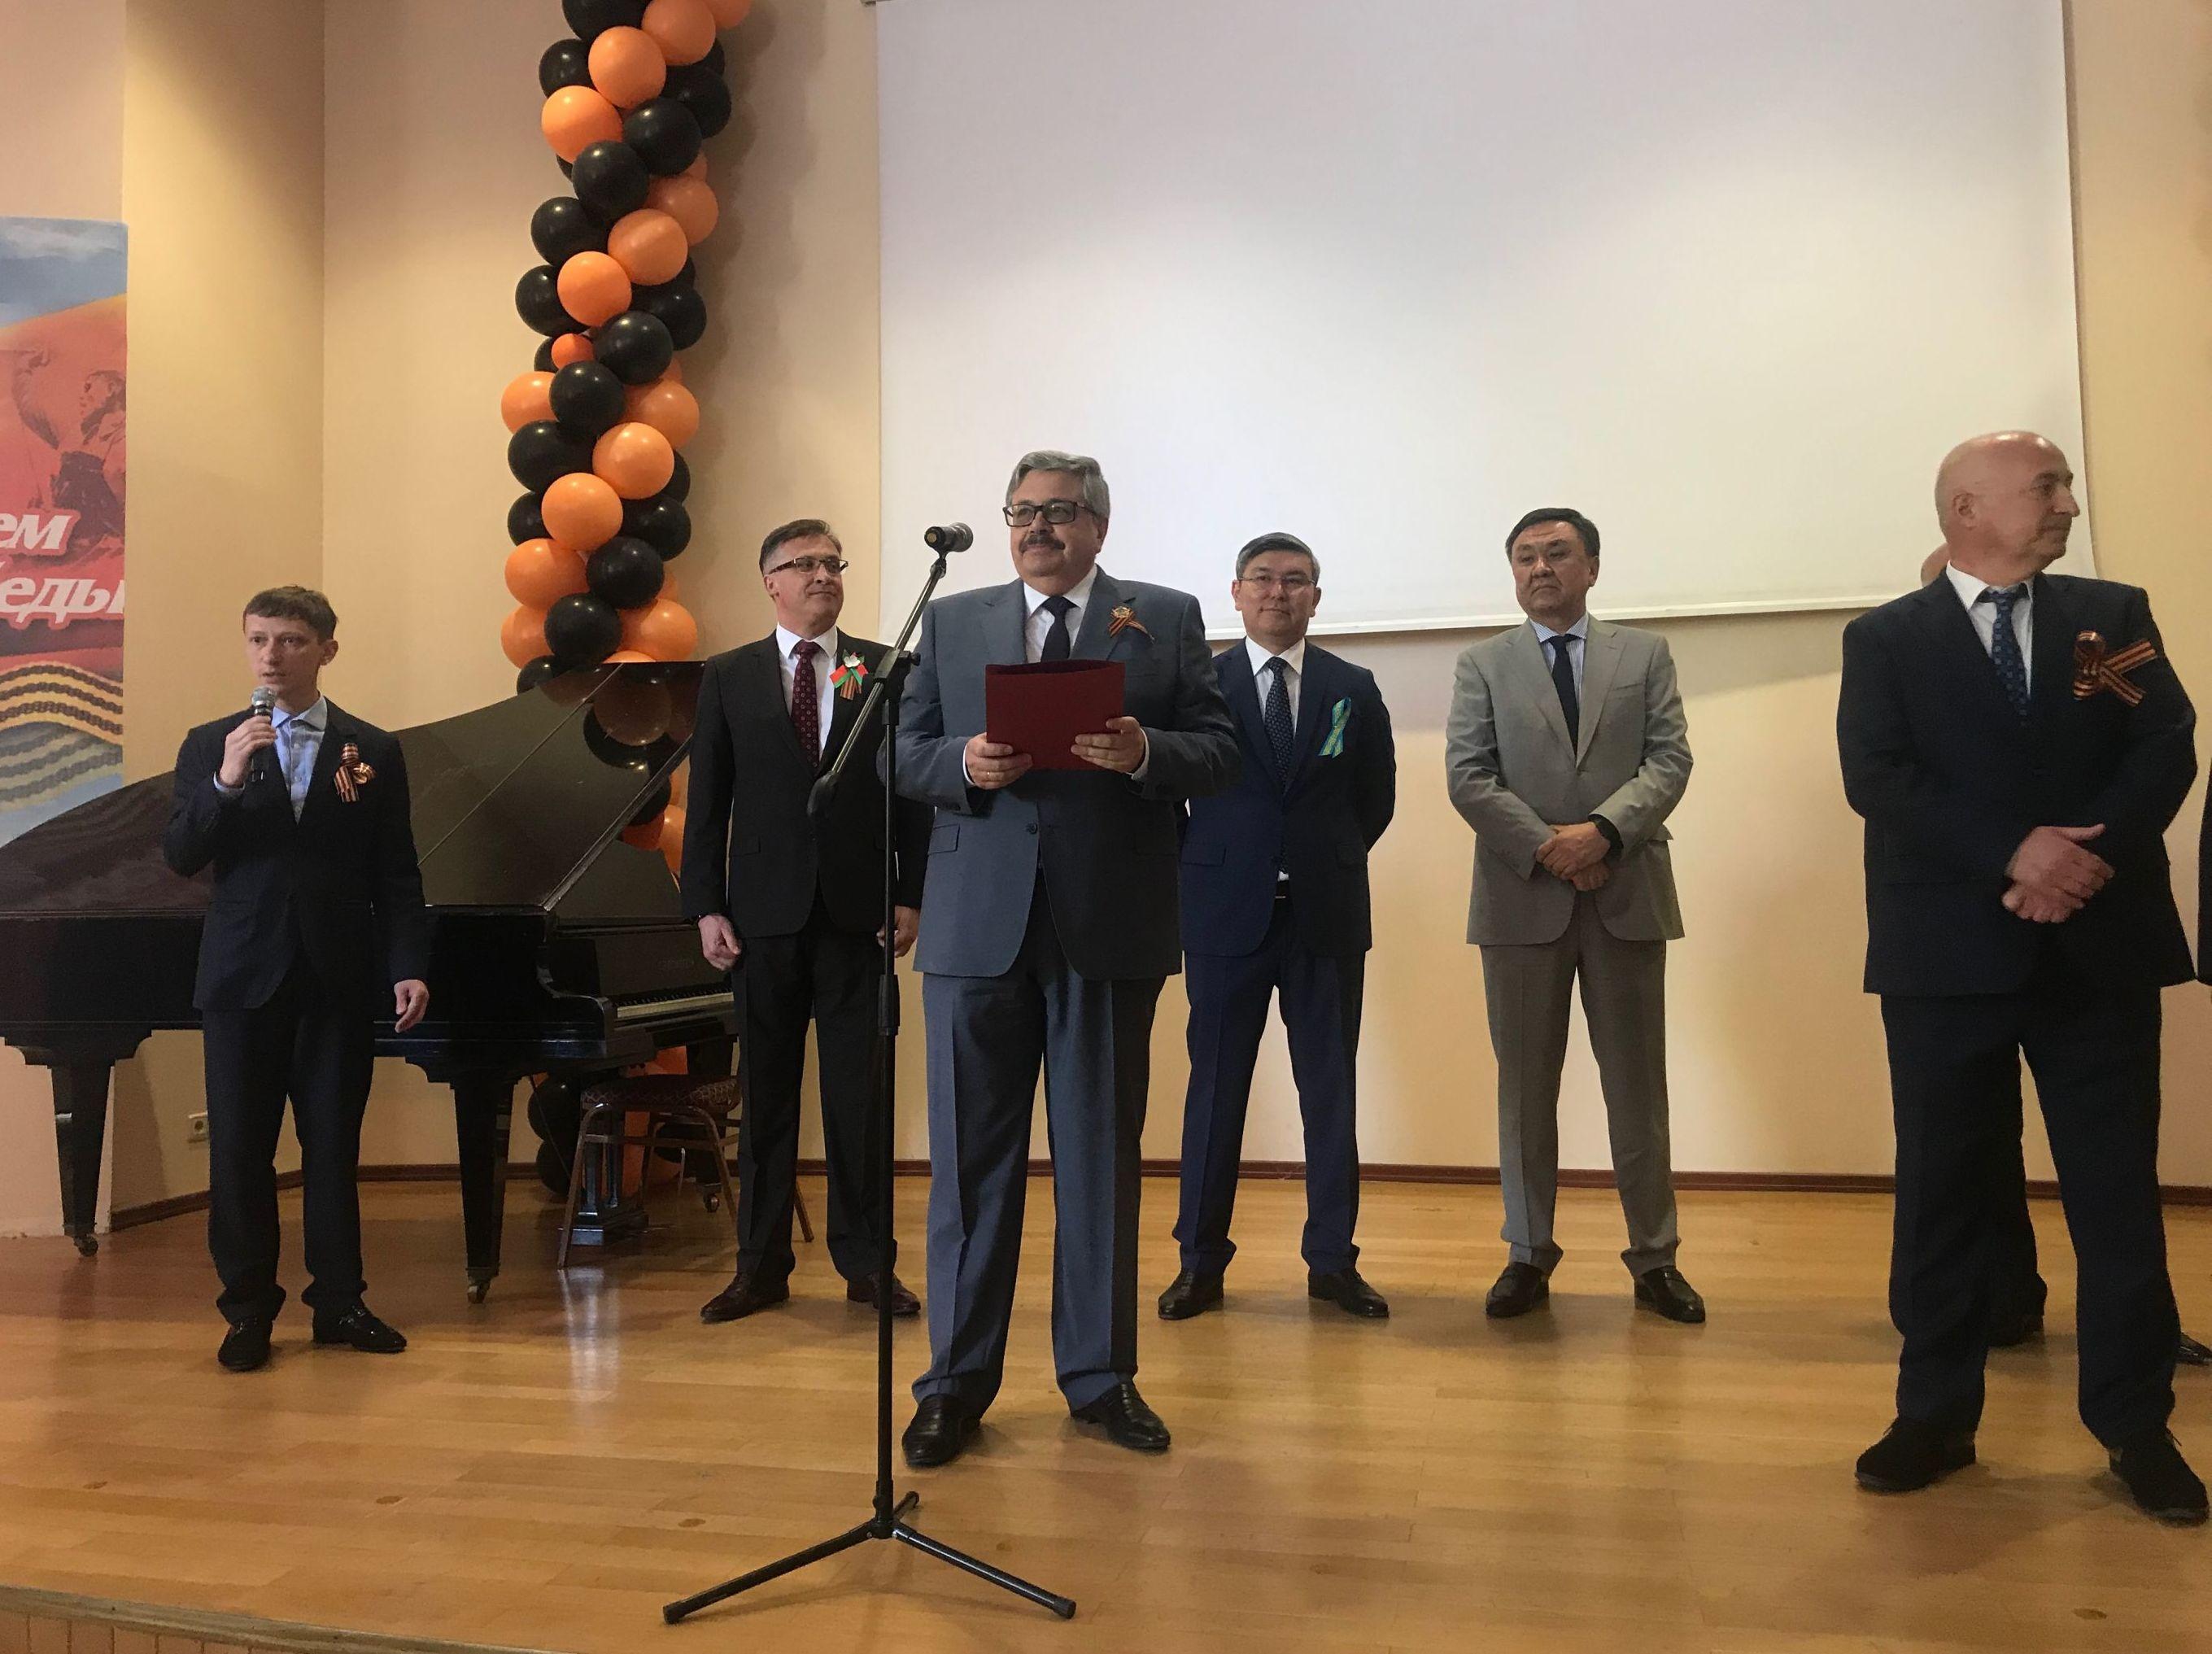 Rusya'nın Ankara Büyükelçiliği'nde Zafer Günü kutlaması